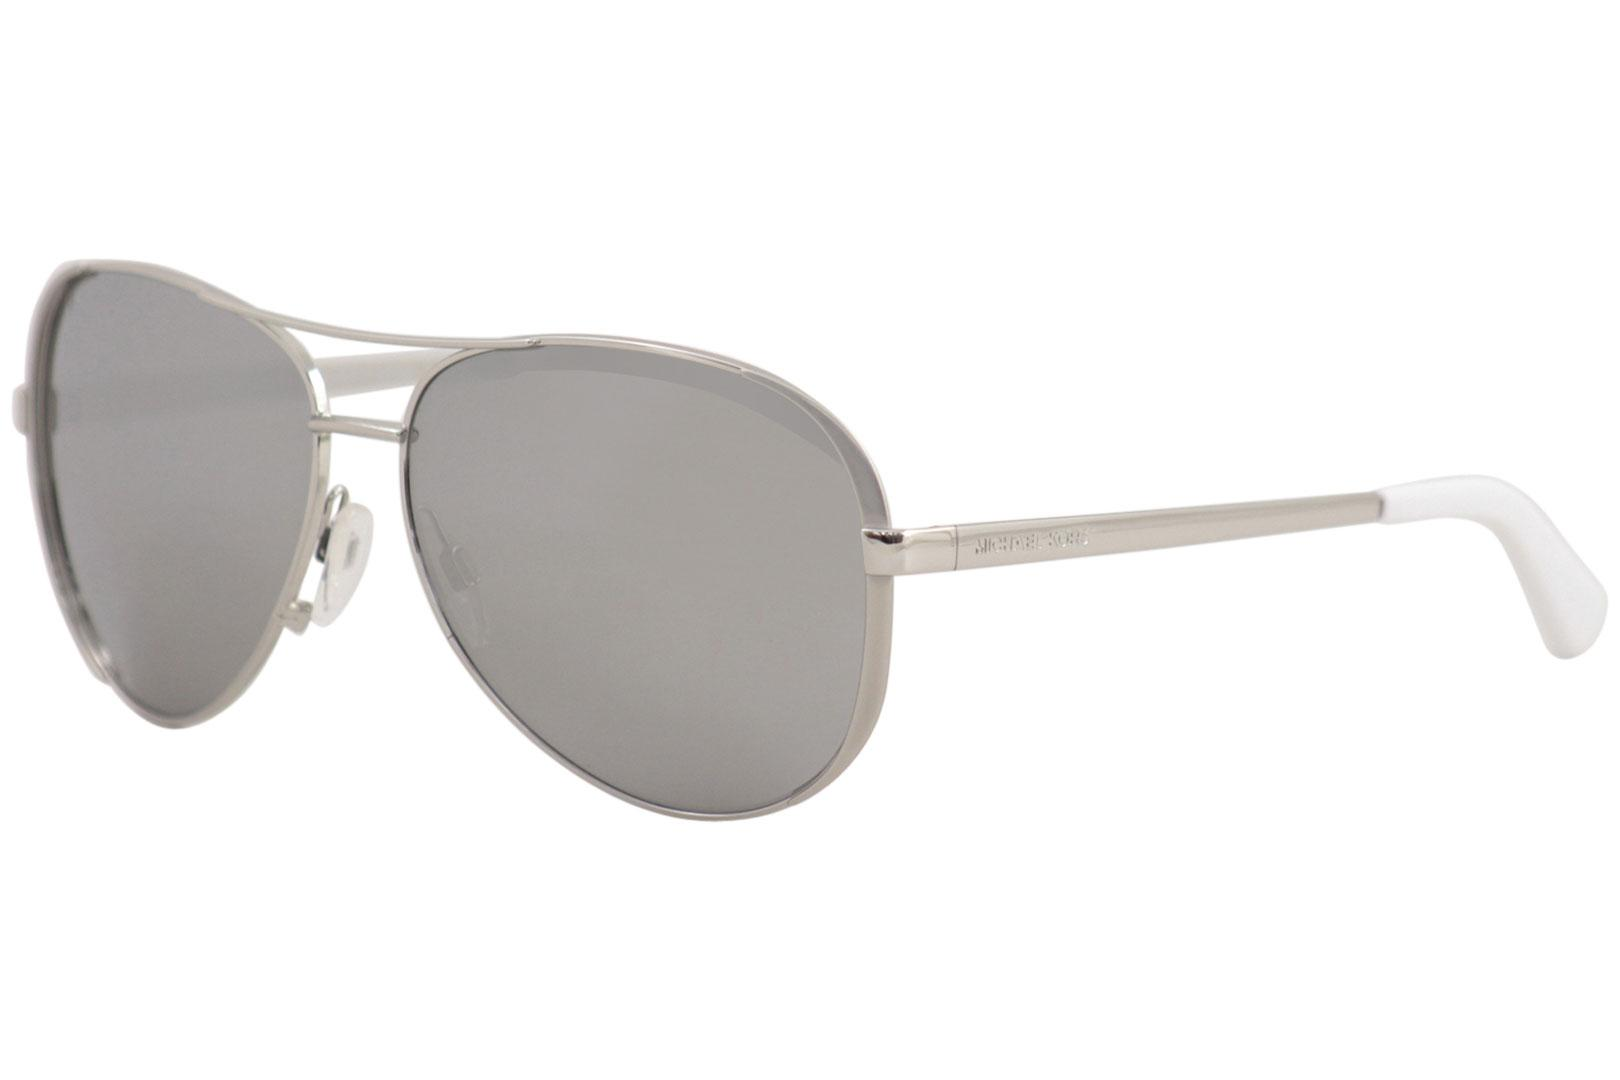 c33b18c2a45 Michael Kors Chelsea MK5004 5004 1001Z3 Silver Pilot Polarized ...